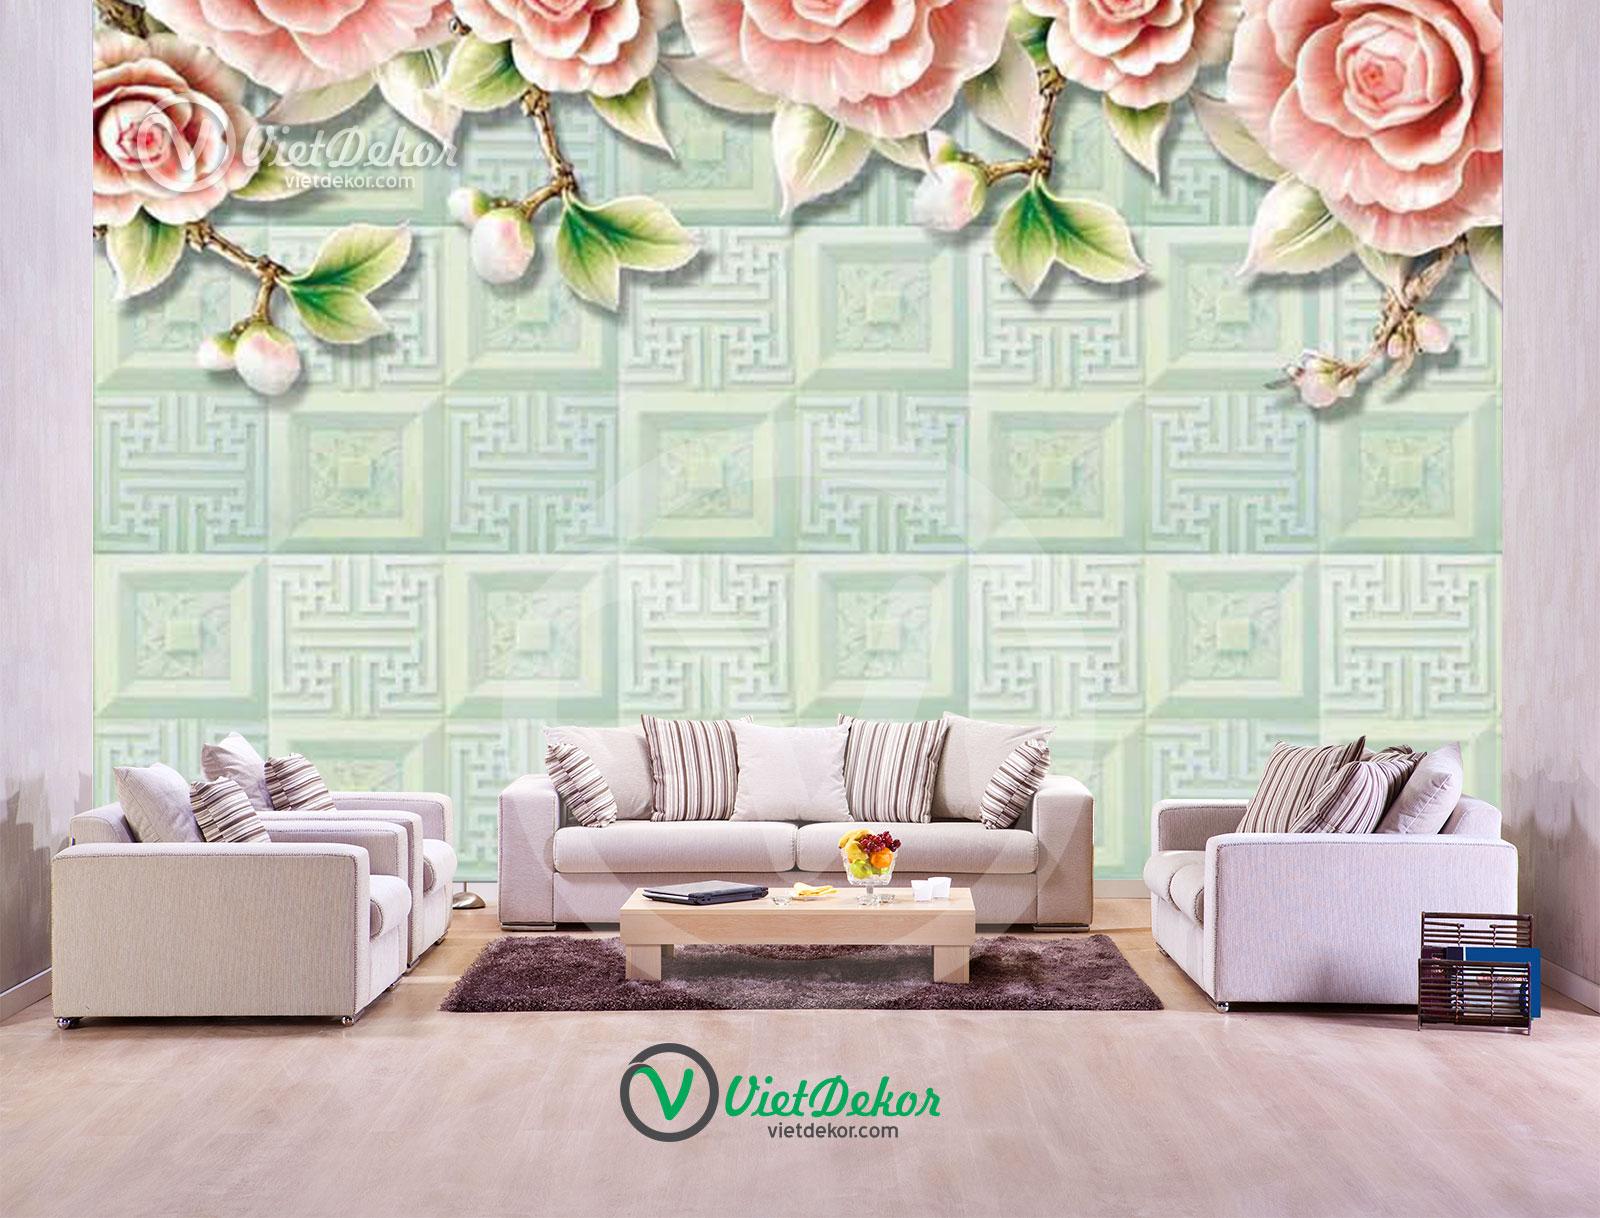 Tranh dán tường 3d hoa trang trí ngọc